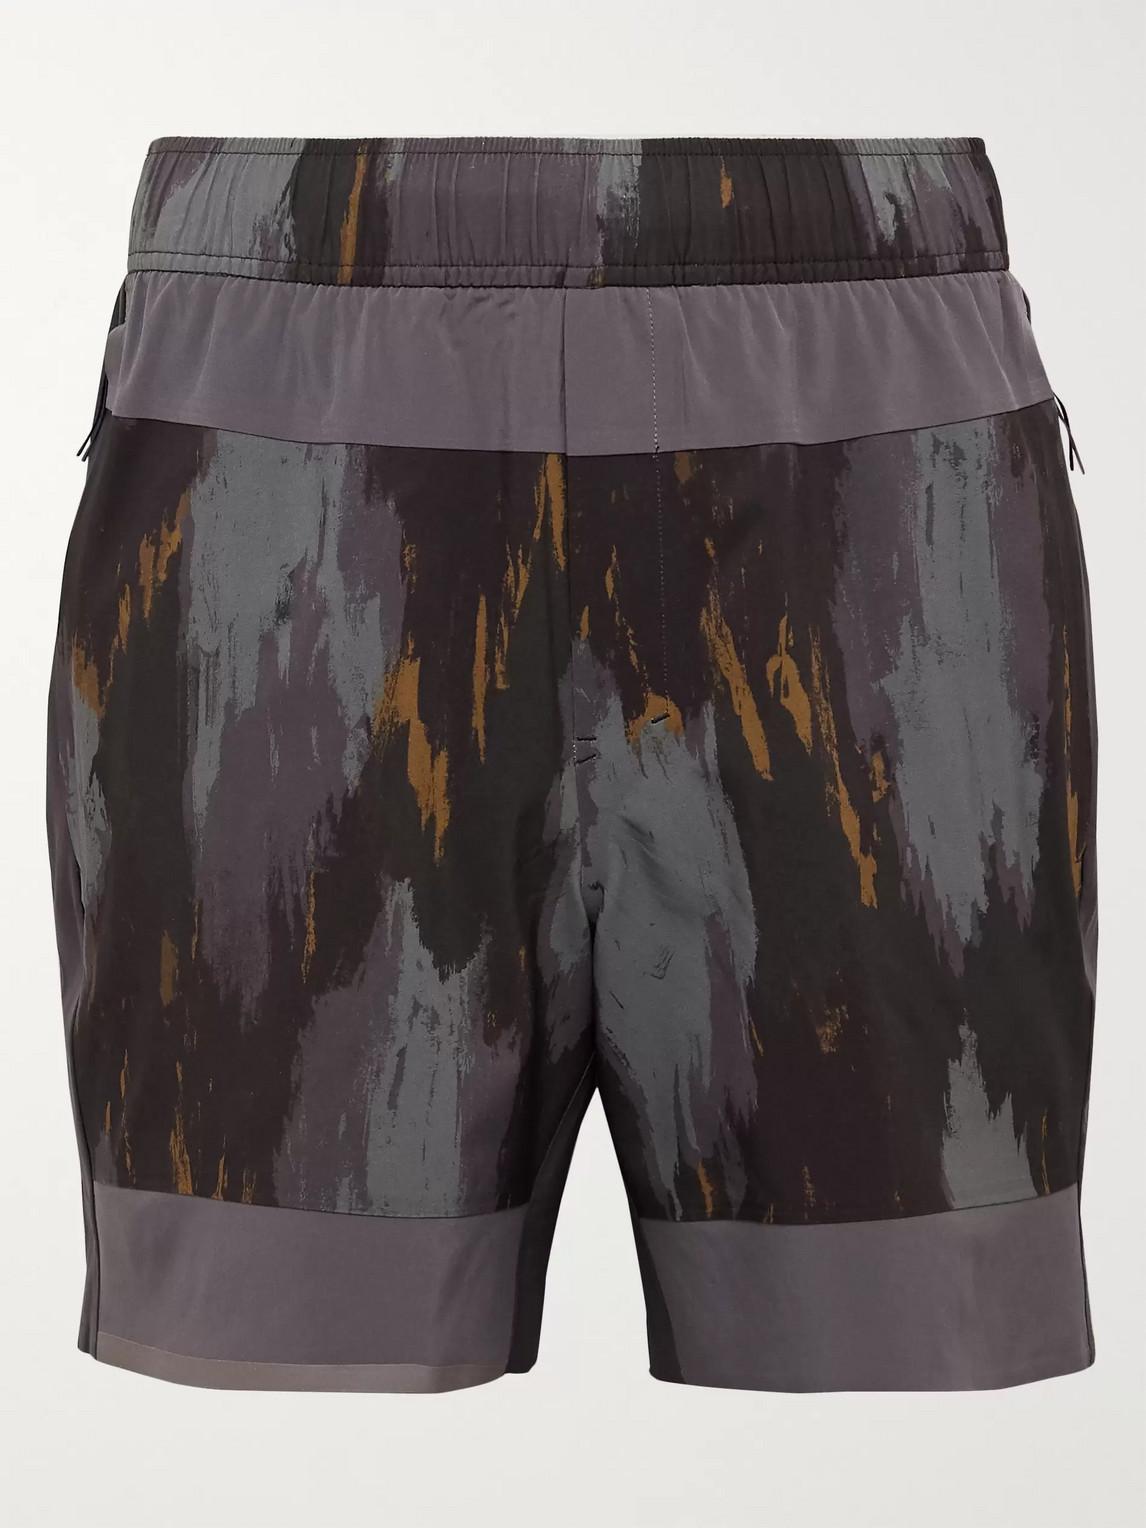 lululemon - robert geller take the moment swift shorts - men - gray